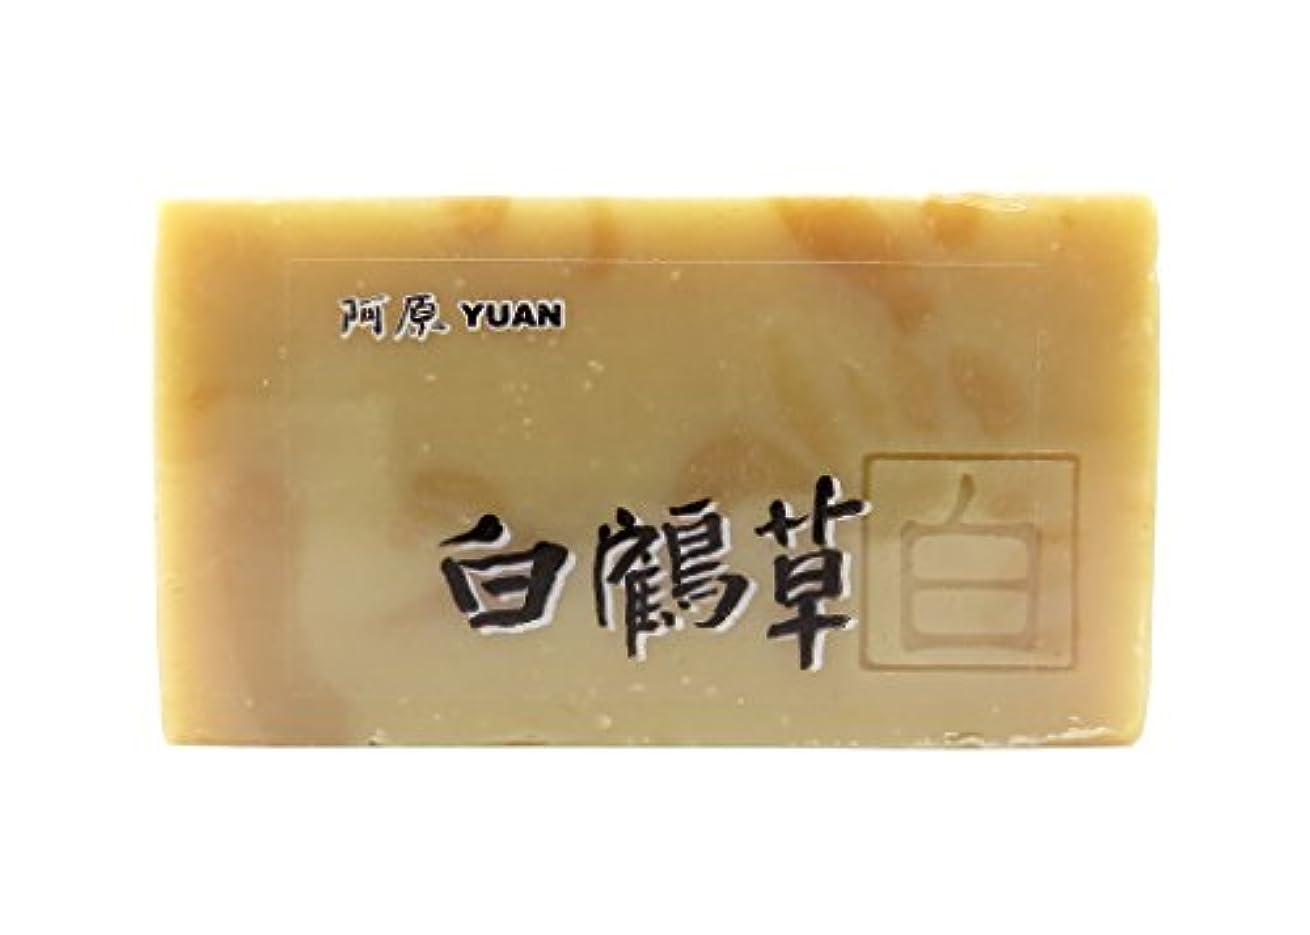 とネットシンクYUAN SOAP ユアンソープ ハッカクレイシ(白鶴草) 100g (阿原 石けん 台湾コスメ)